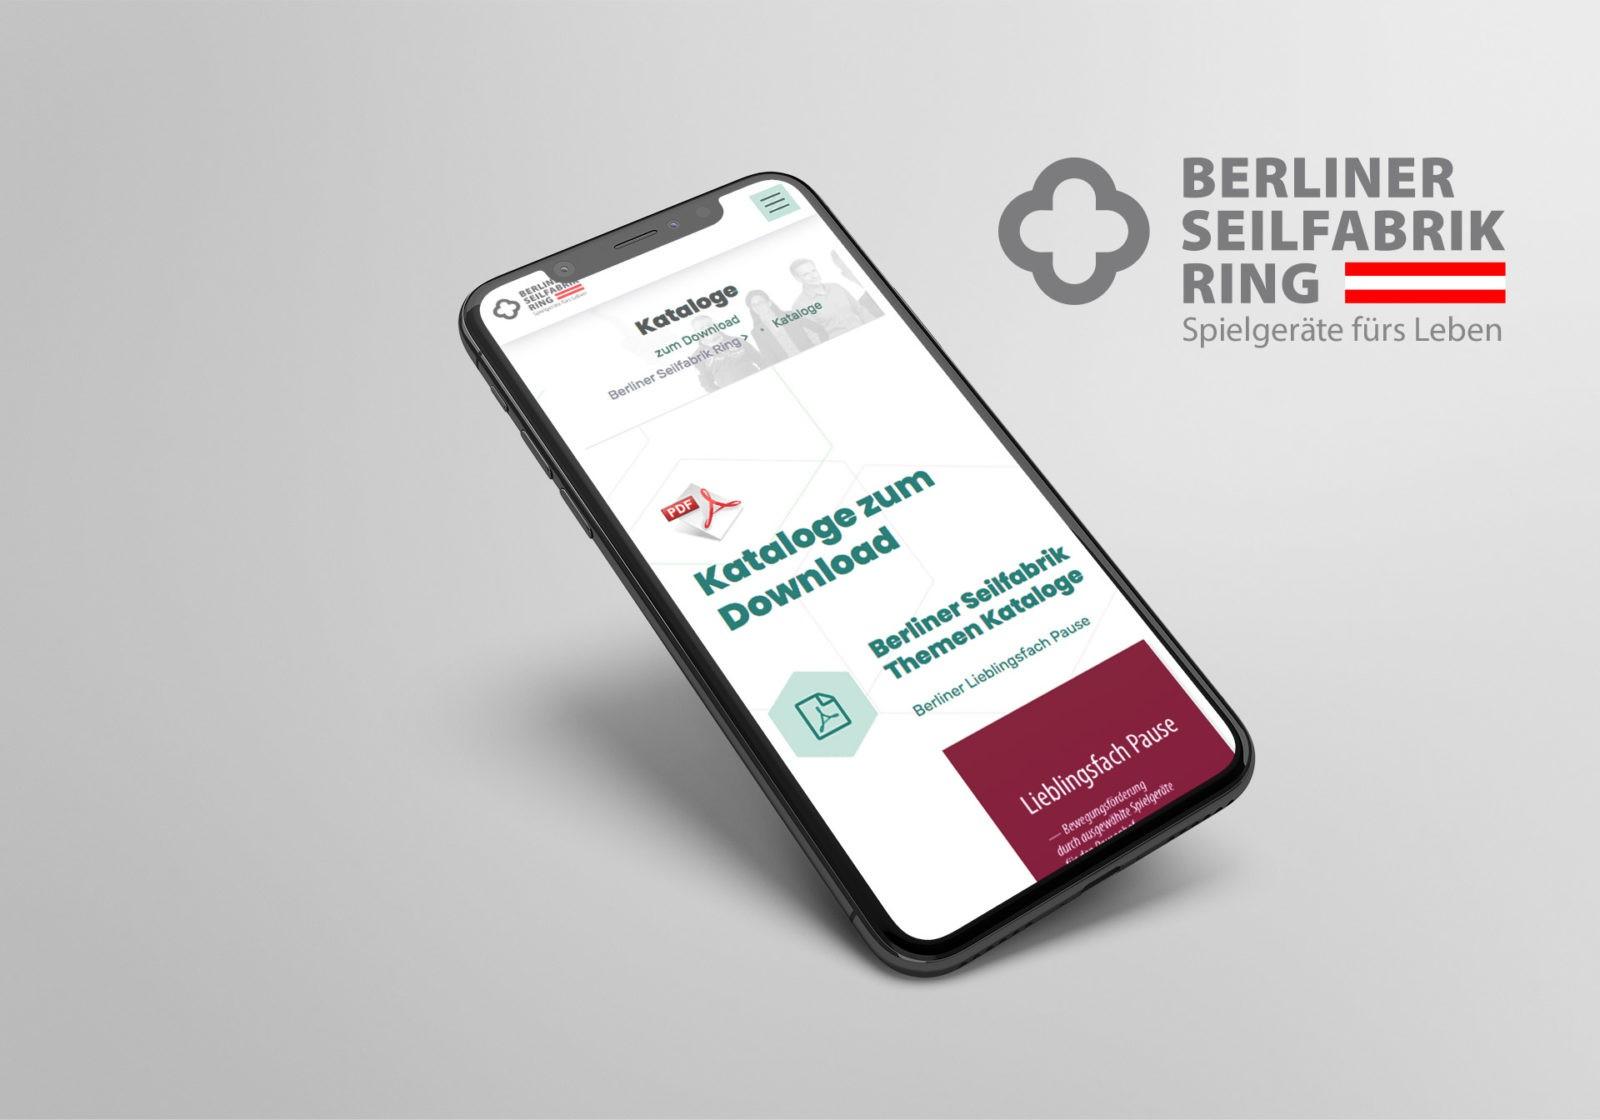 Optimiert für mobile Geräte für Berliner Seilfabrik Ring Austria GmbH